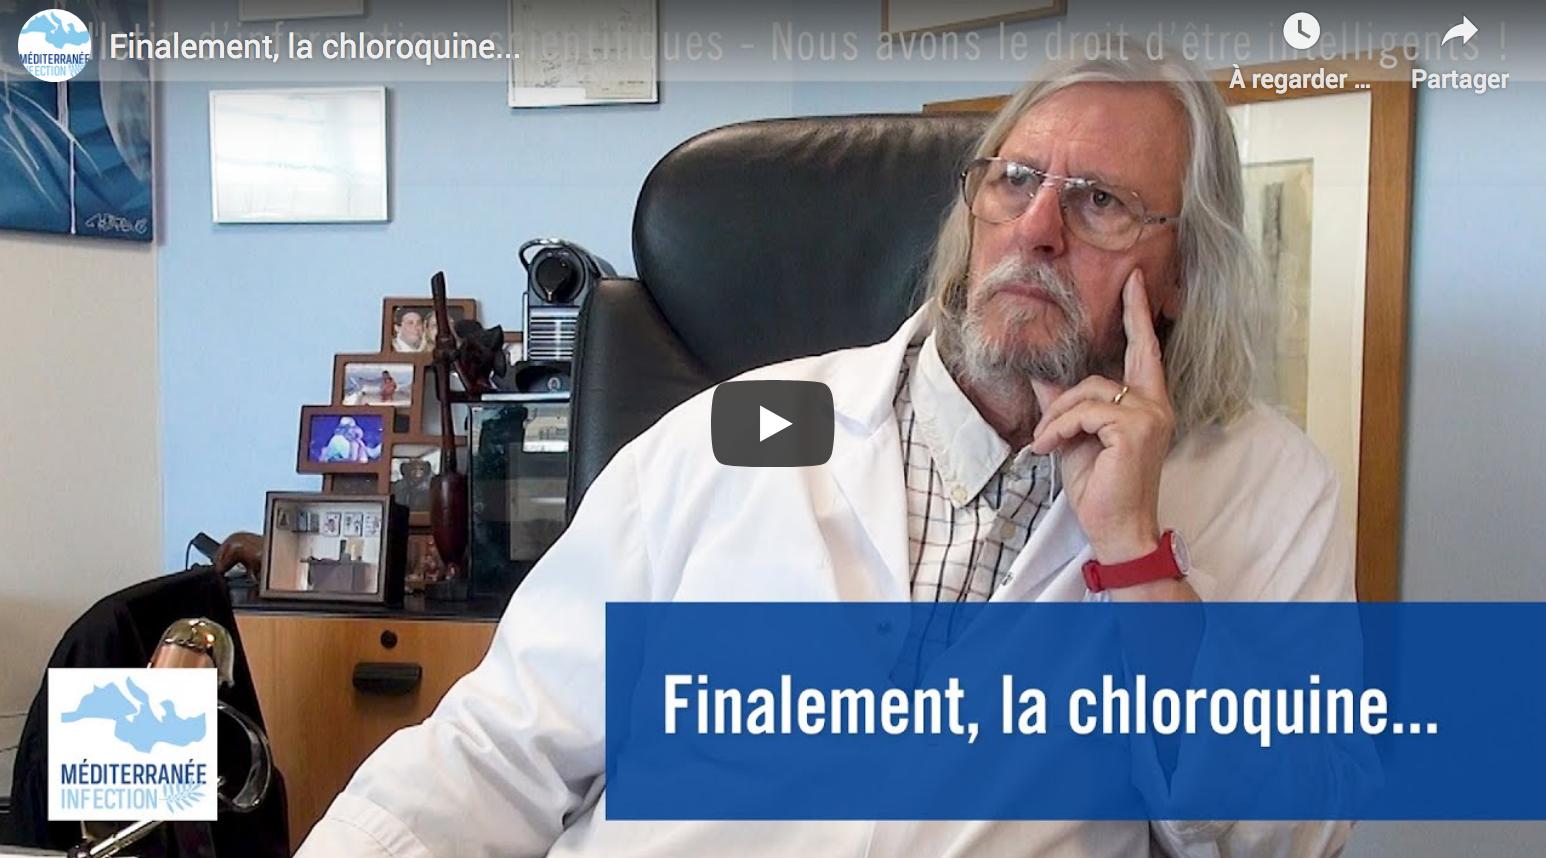 Finalement, la chloroquine… (Pr Didier Raoult)